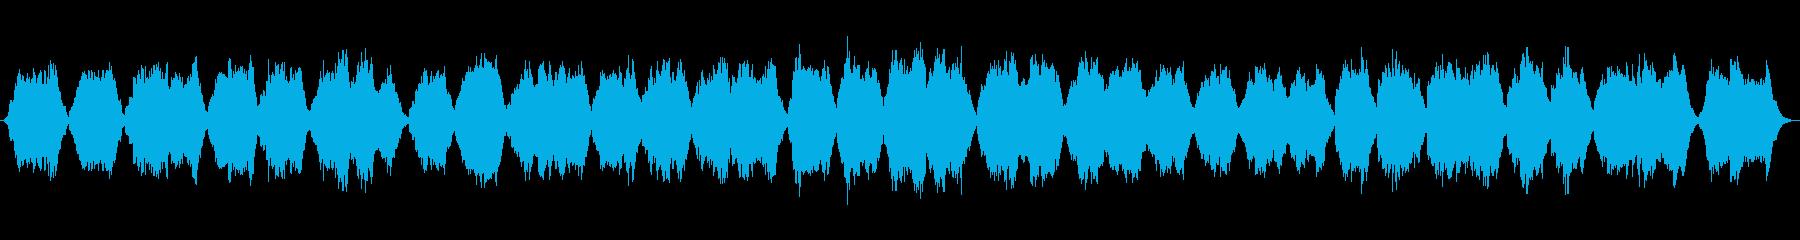 東南アジアの夕暮れを歌う民族音楽の再生済みの波形